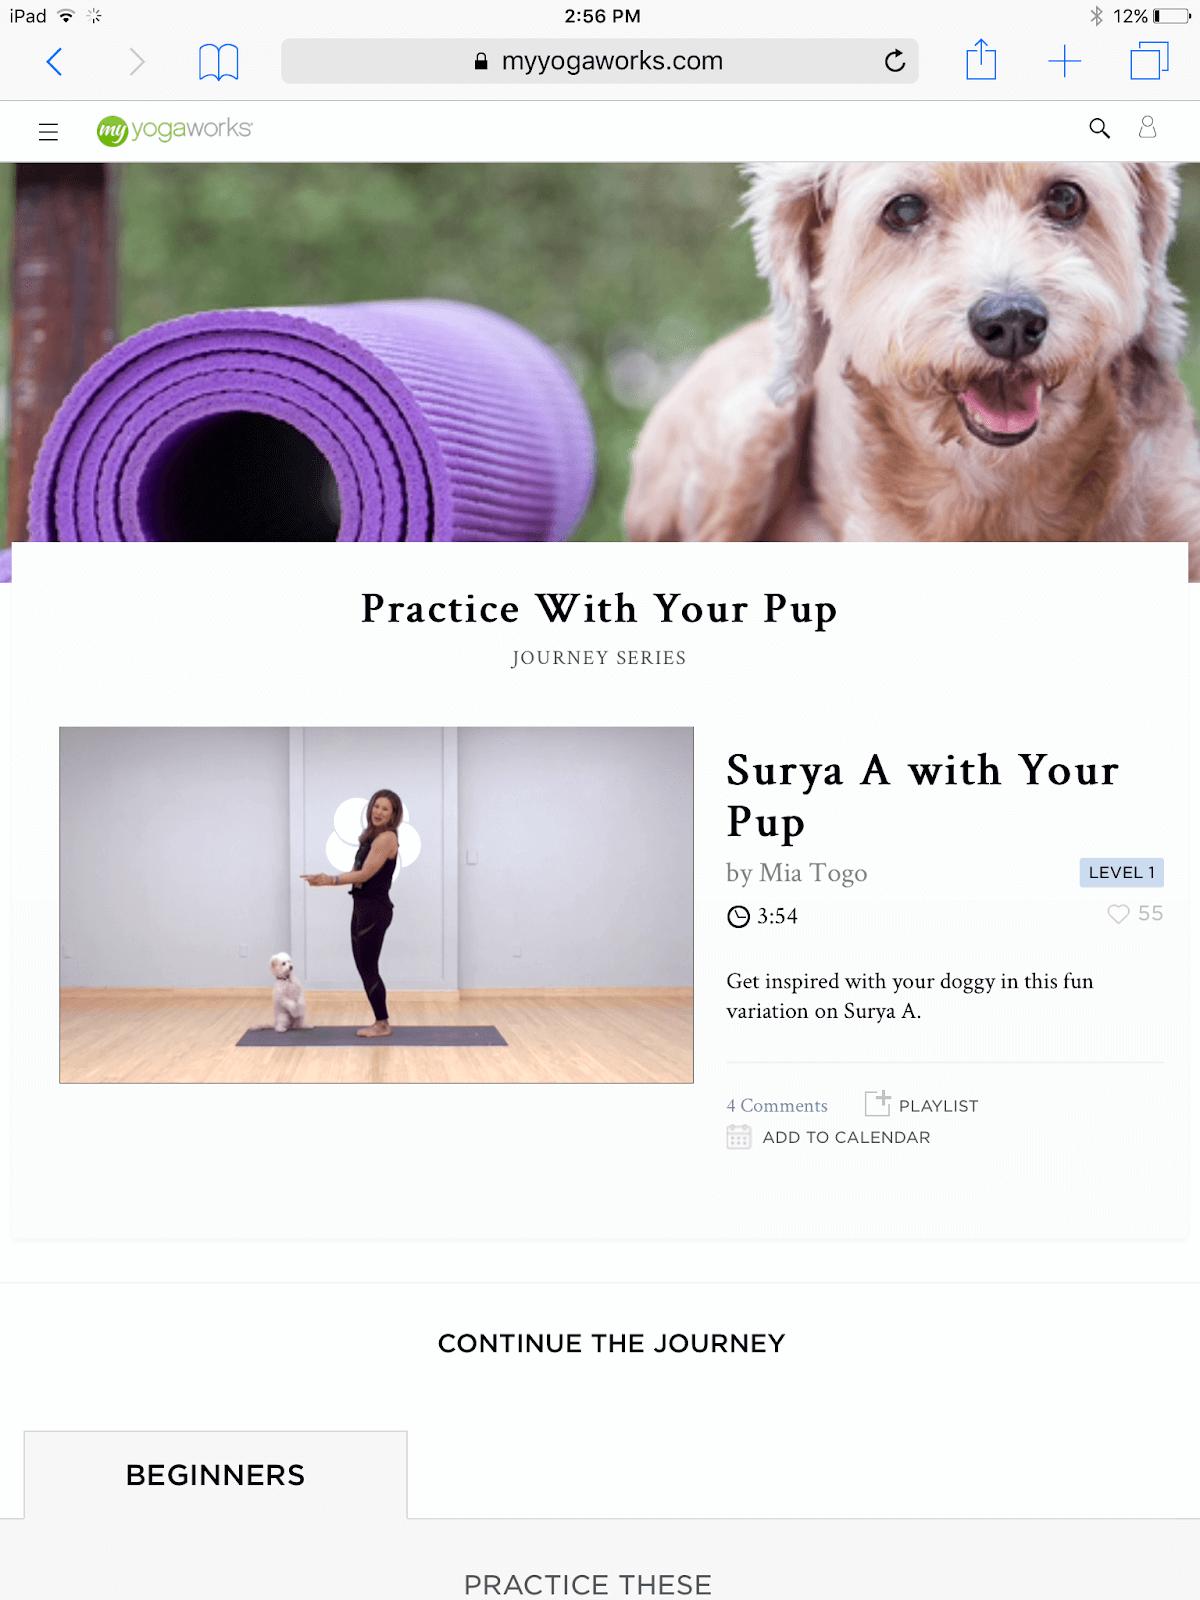 MyYogaWorks Dog Yoga Class